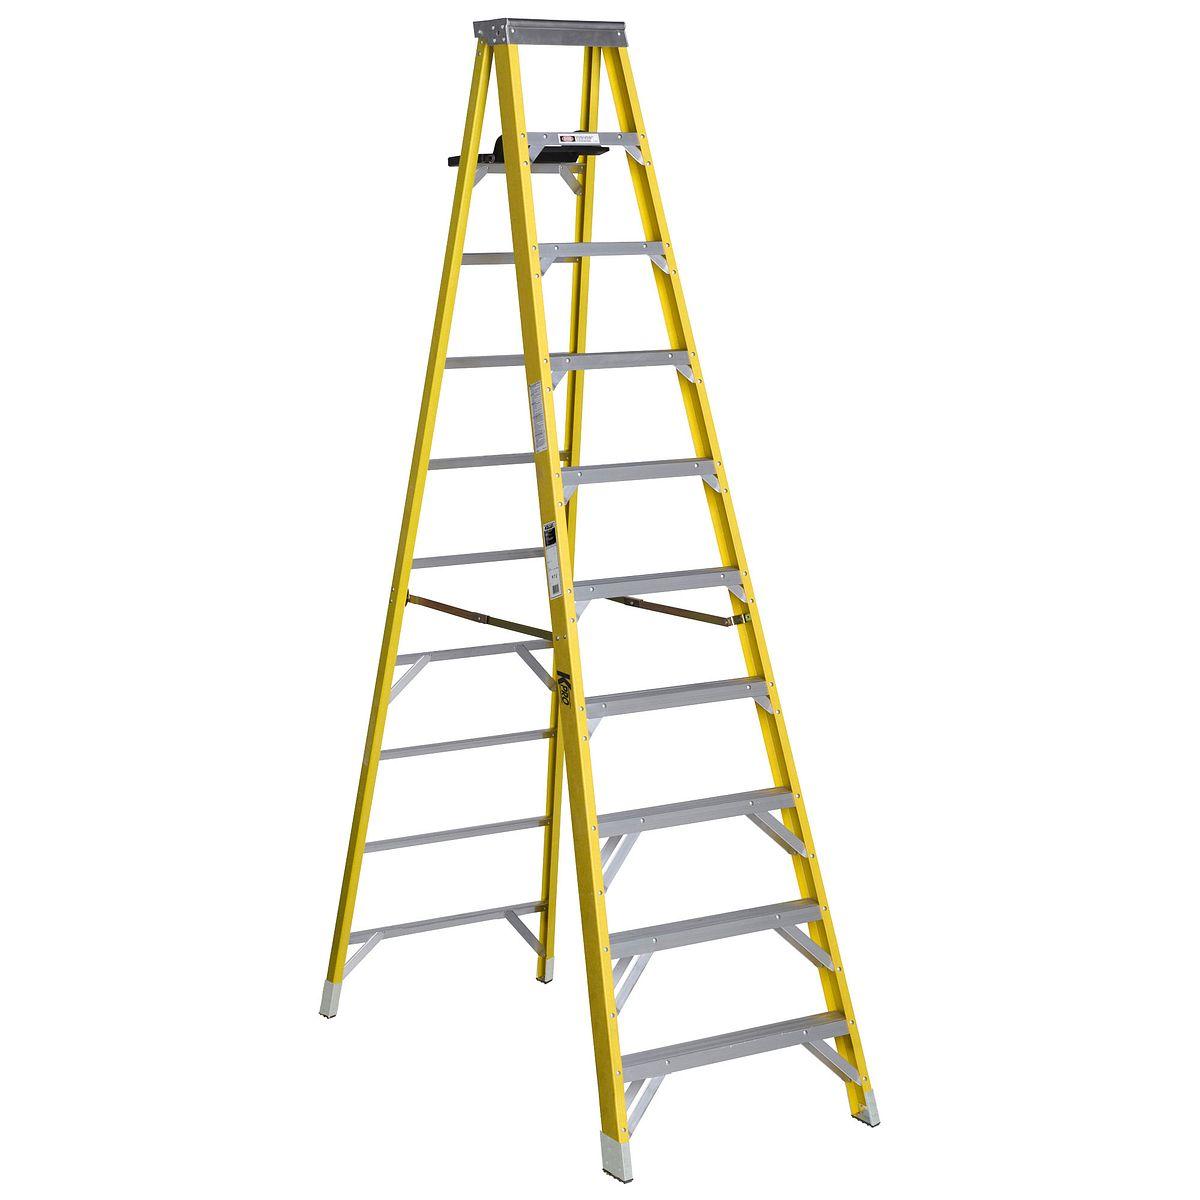 1070p Series Step Ladders Keller Us